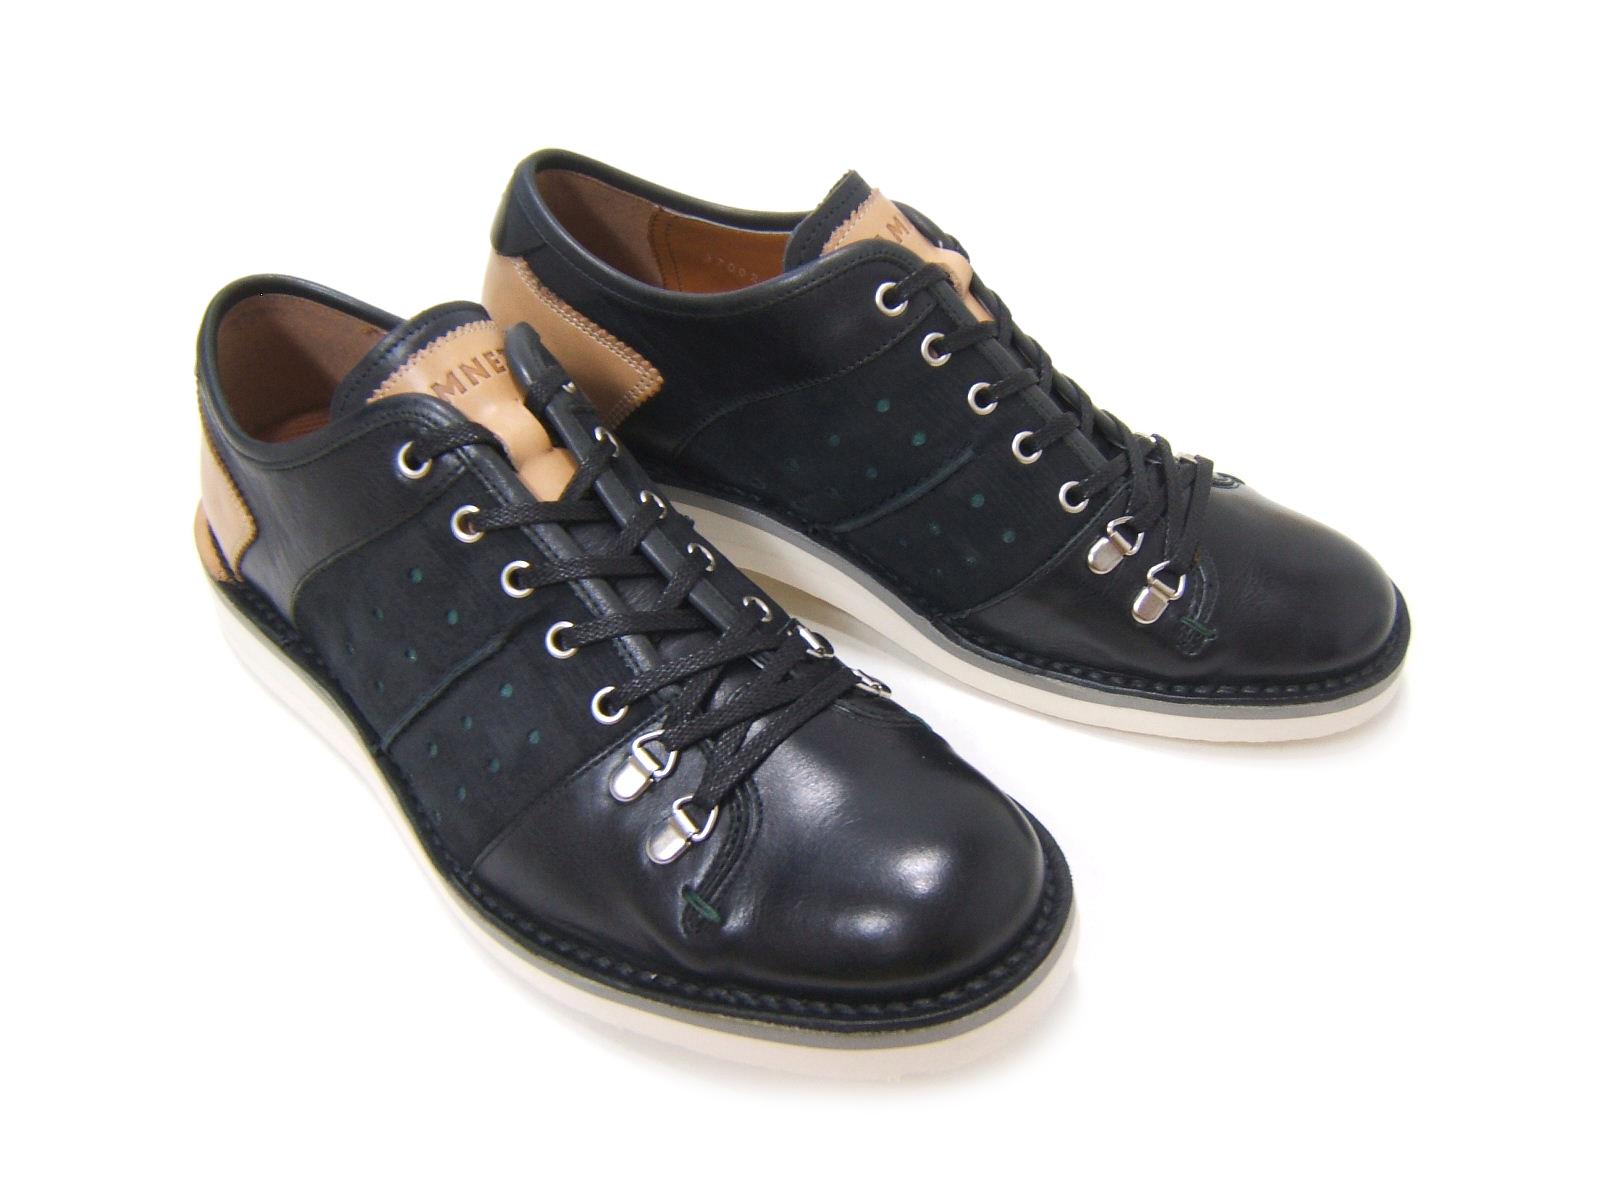 オフタイムをゆったり過ごしたい大人カジュアル!KATHARINE HAMNETT LONDON キャサリン ハムネット ロンドン紳士靴 KH-37002 ブラック 革靴 カジュアル 送料無料